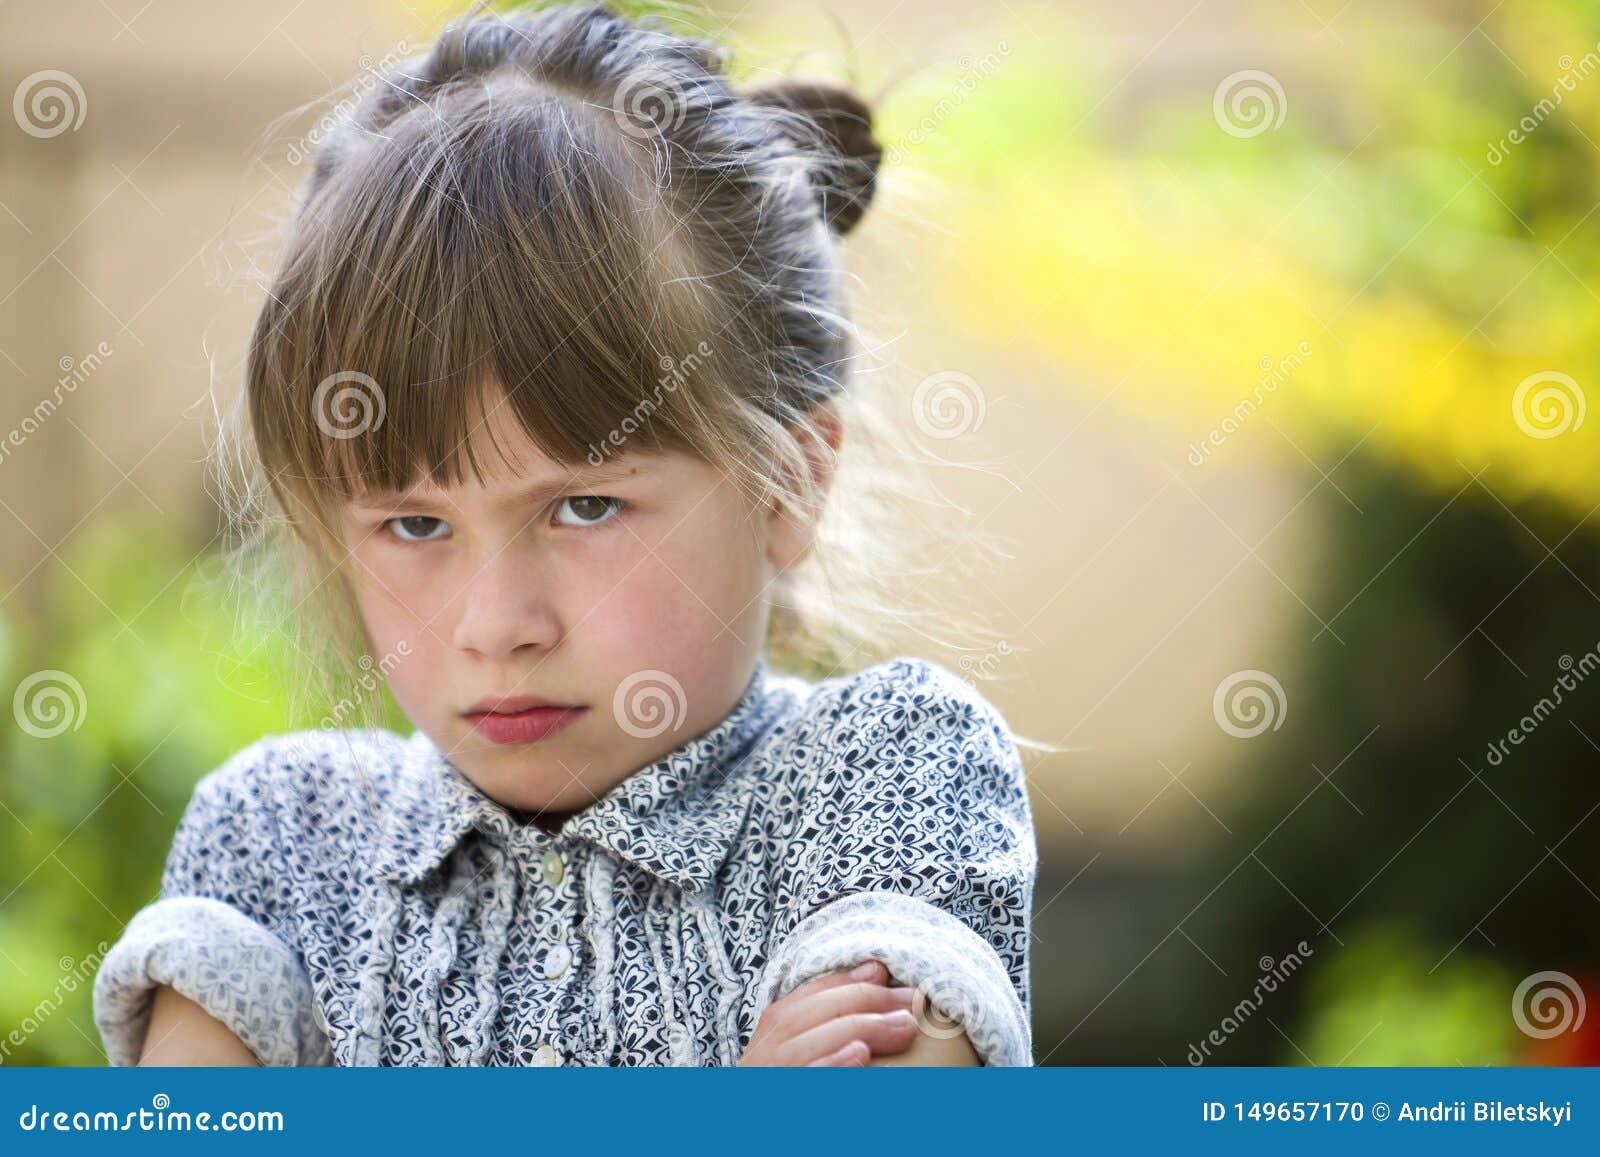 Sensibilit? all aperto della ragazza lunatica divertente graziosa del bambino piccolo arrabbiata ed insoddisfatta sul fondo vago